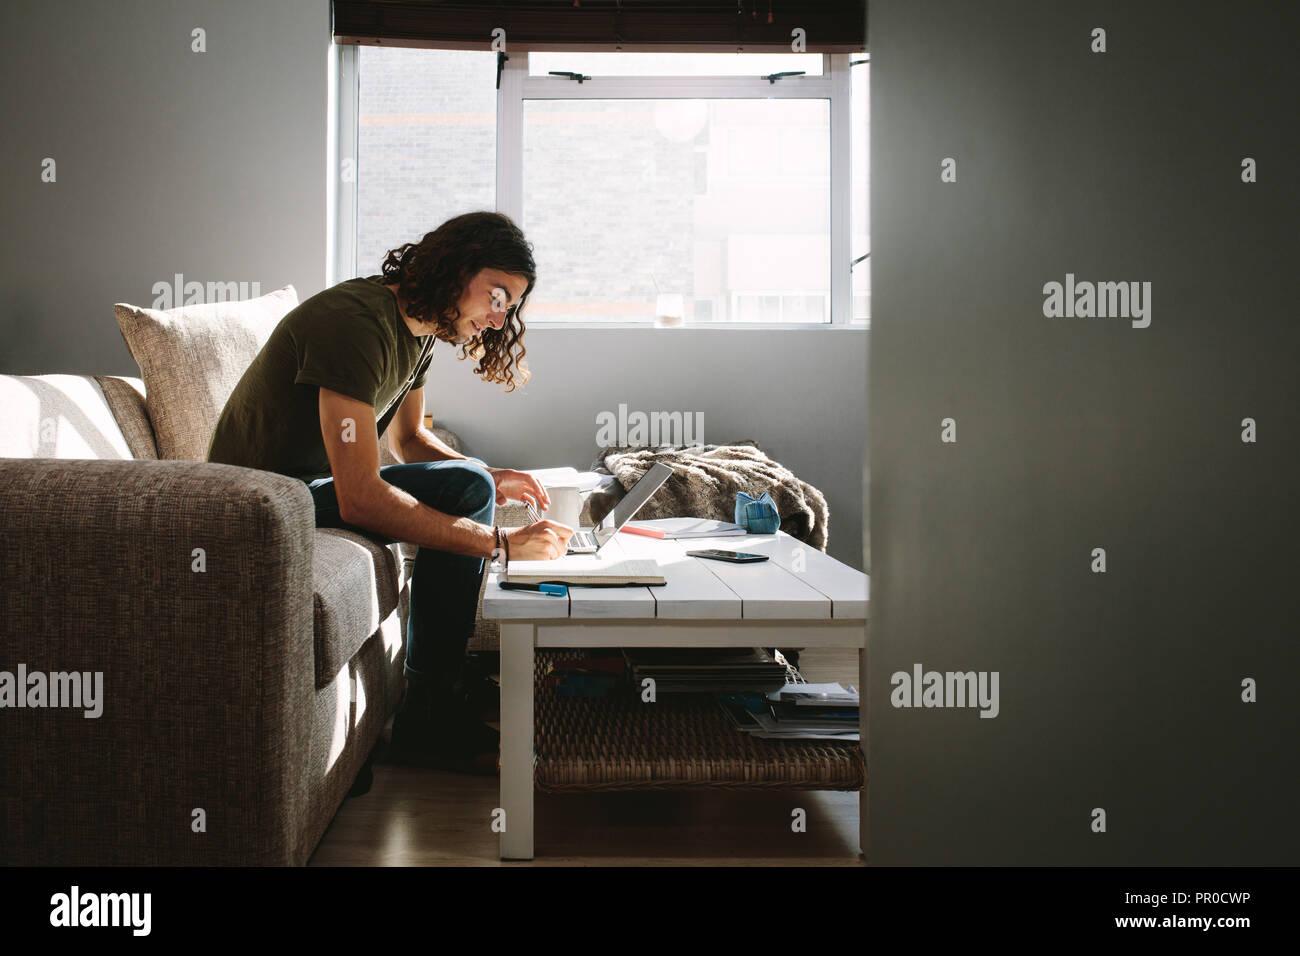 Escribir notas estudiantes sentados en un sofá junto a una ventana en su casa. Joven estudiando con laptop y libros sobre la mesa. Imagen De Stock